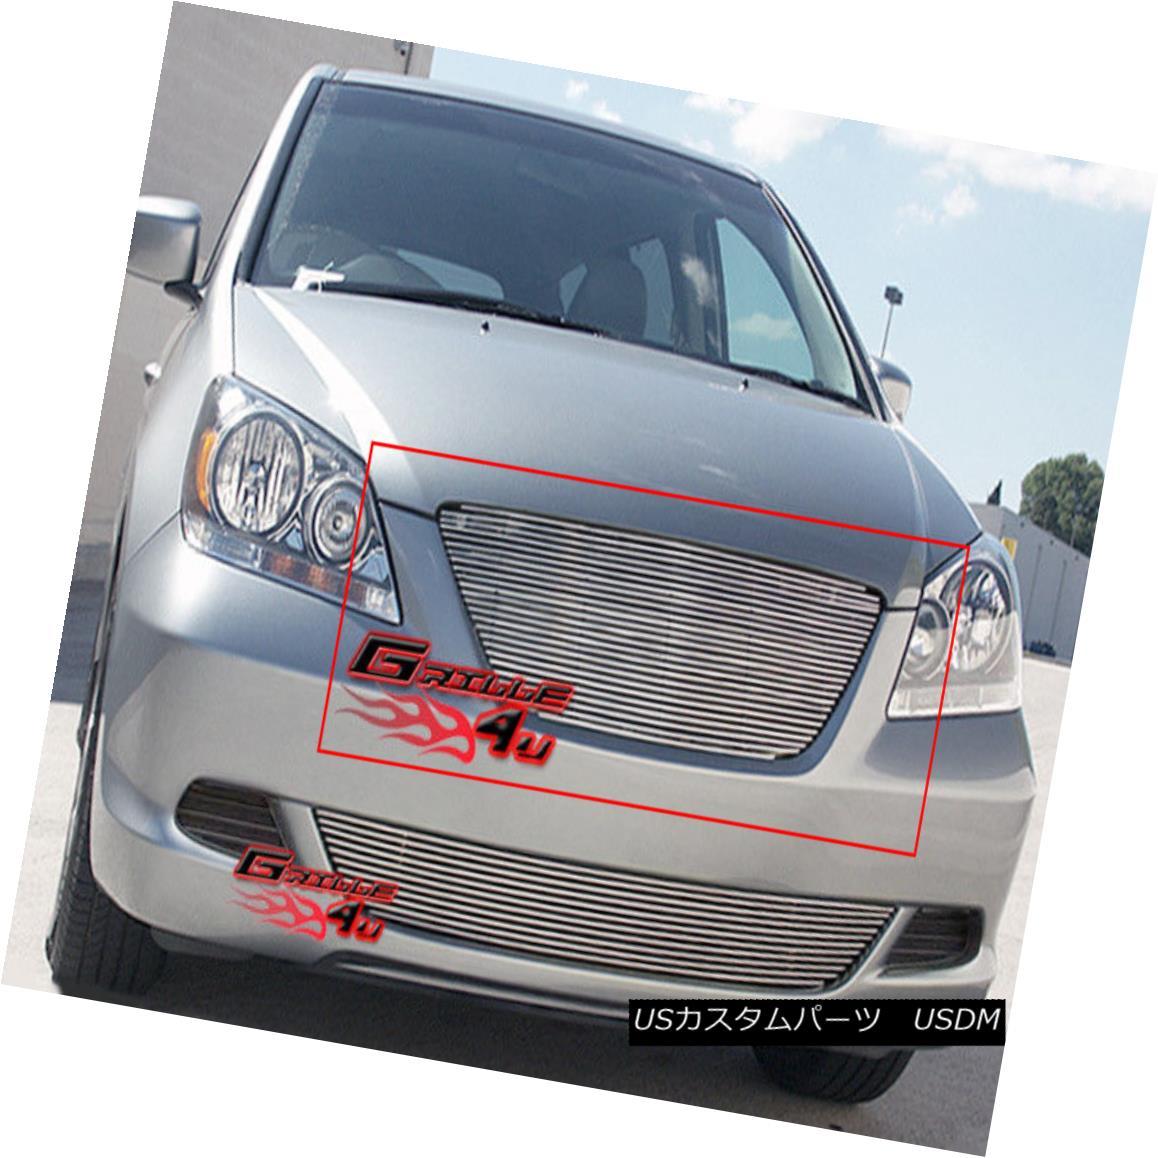 グリル For 05-07 Honda Odyssey Billet Grille Insert 05-07ホンダオデッセイビレットグリルインサート